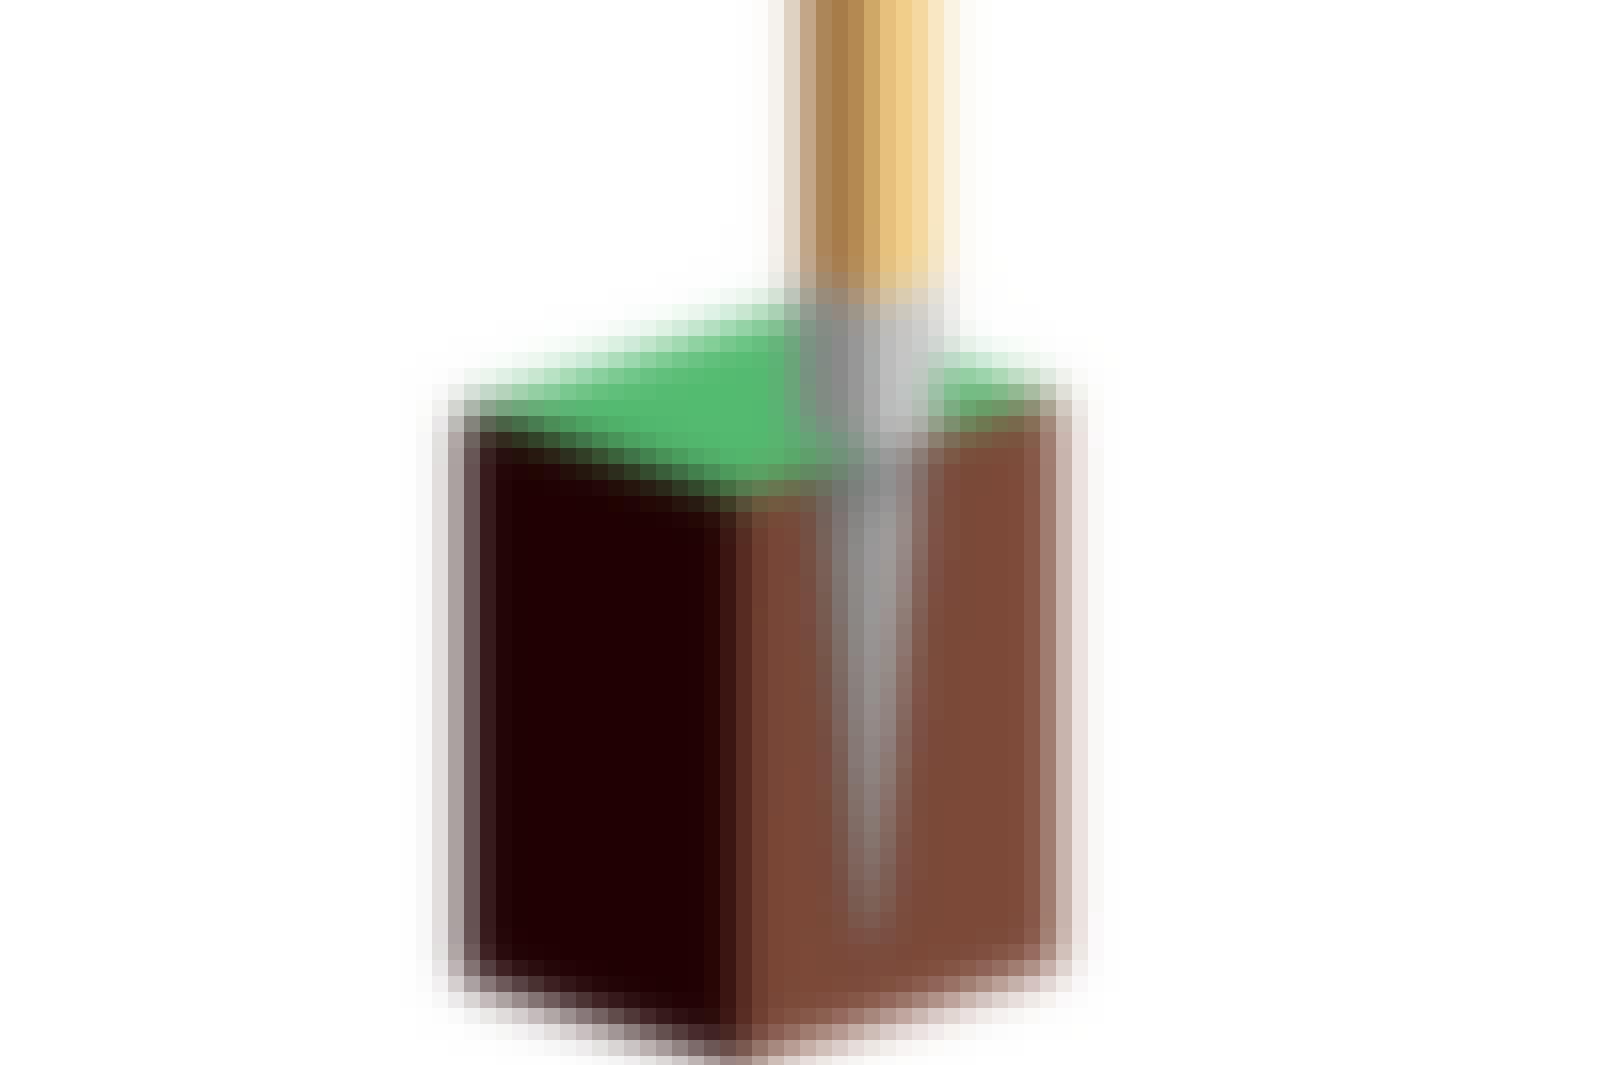 Ett stolpspjut är en stålspets med en ram till stolpen på toppen.